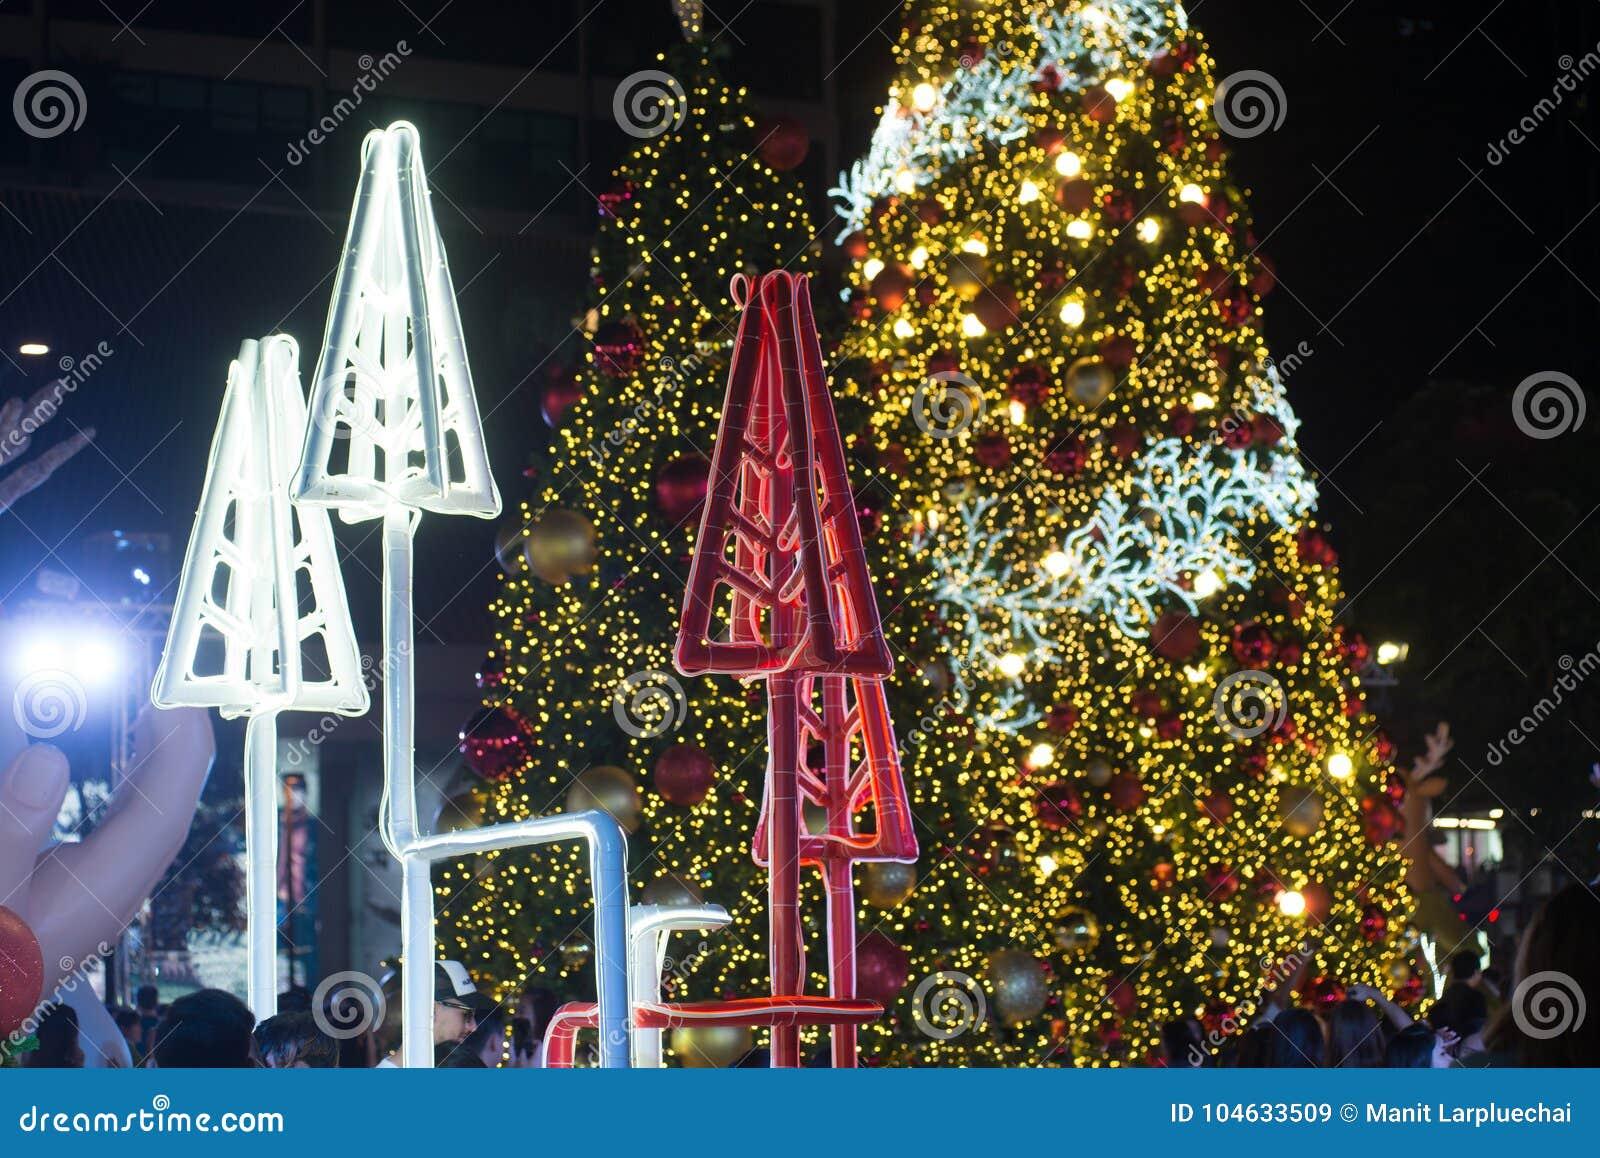 Download Het Licht Verfraait Mooi Op Kerstboomviering Redactionele Stock Afbeelding - Afbeelding bestaande uit buitenkant, gebeurtenis: 104633509